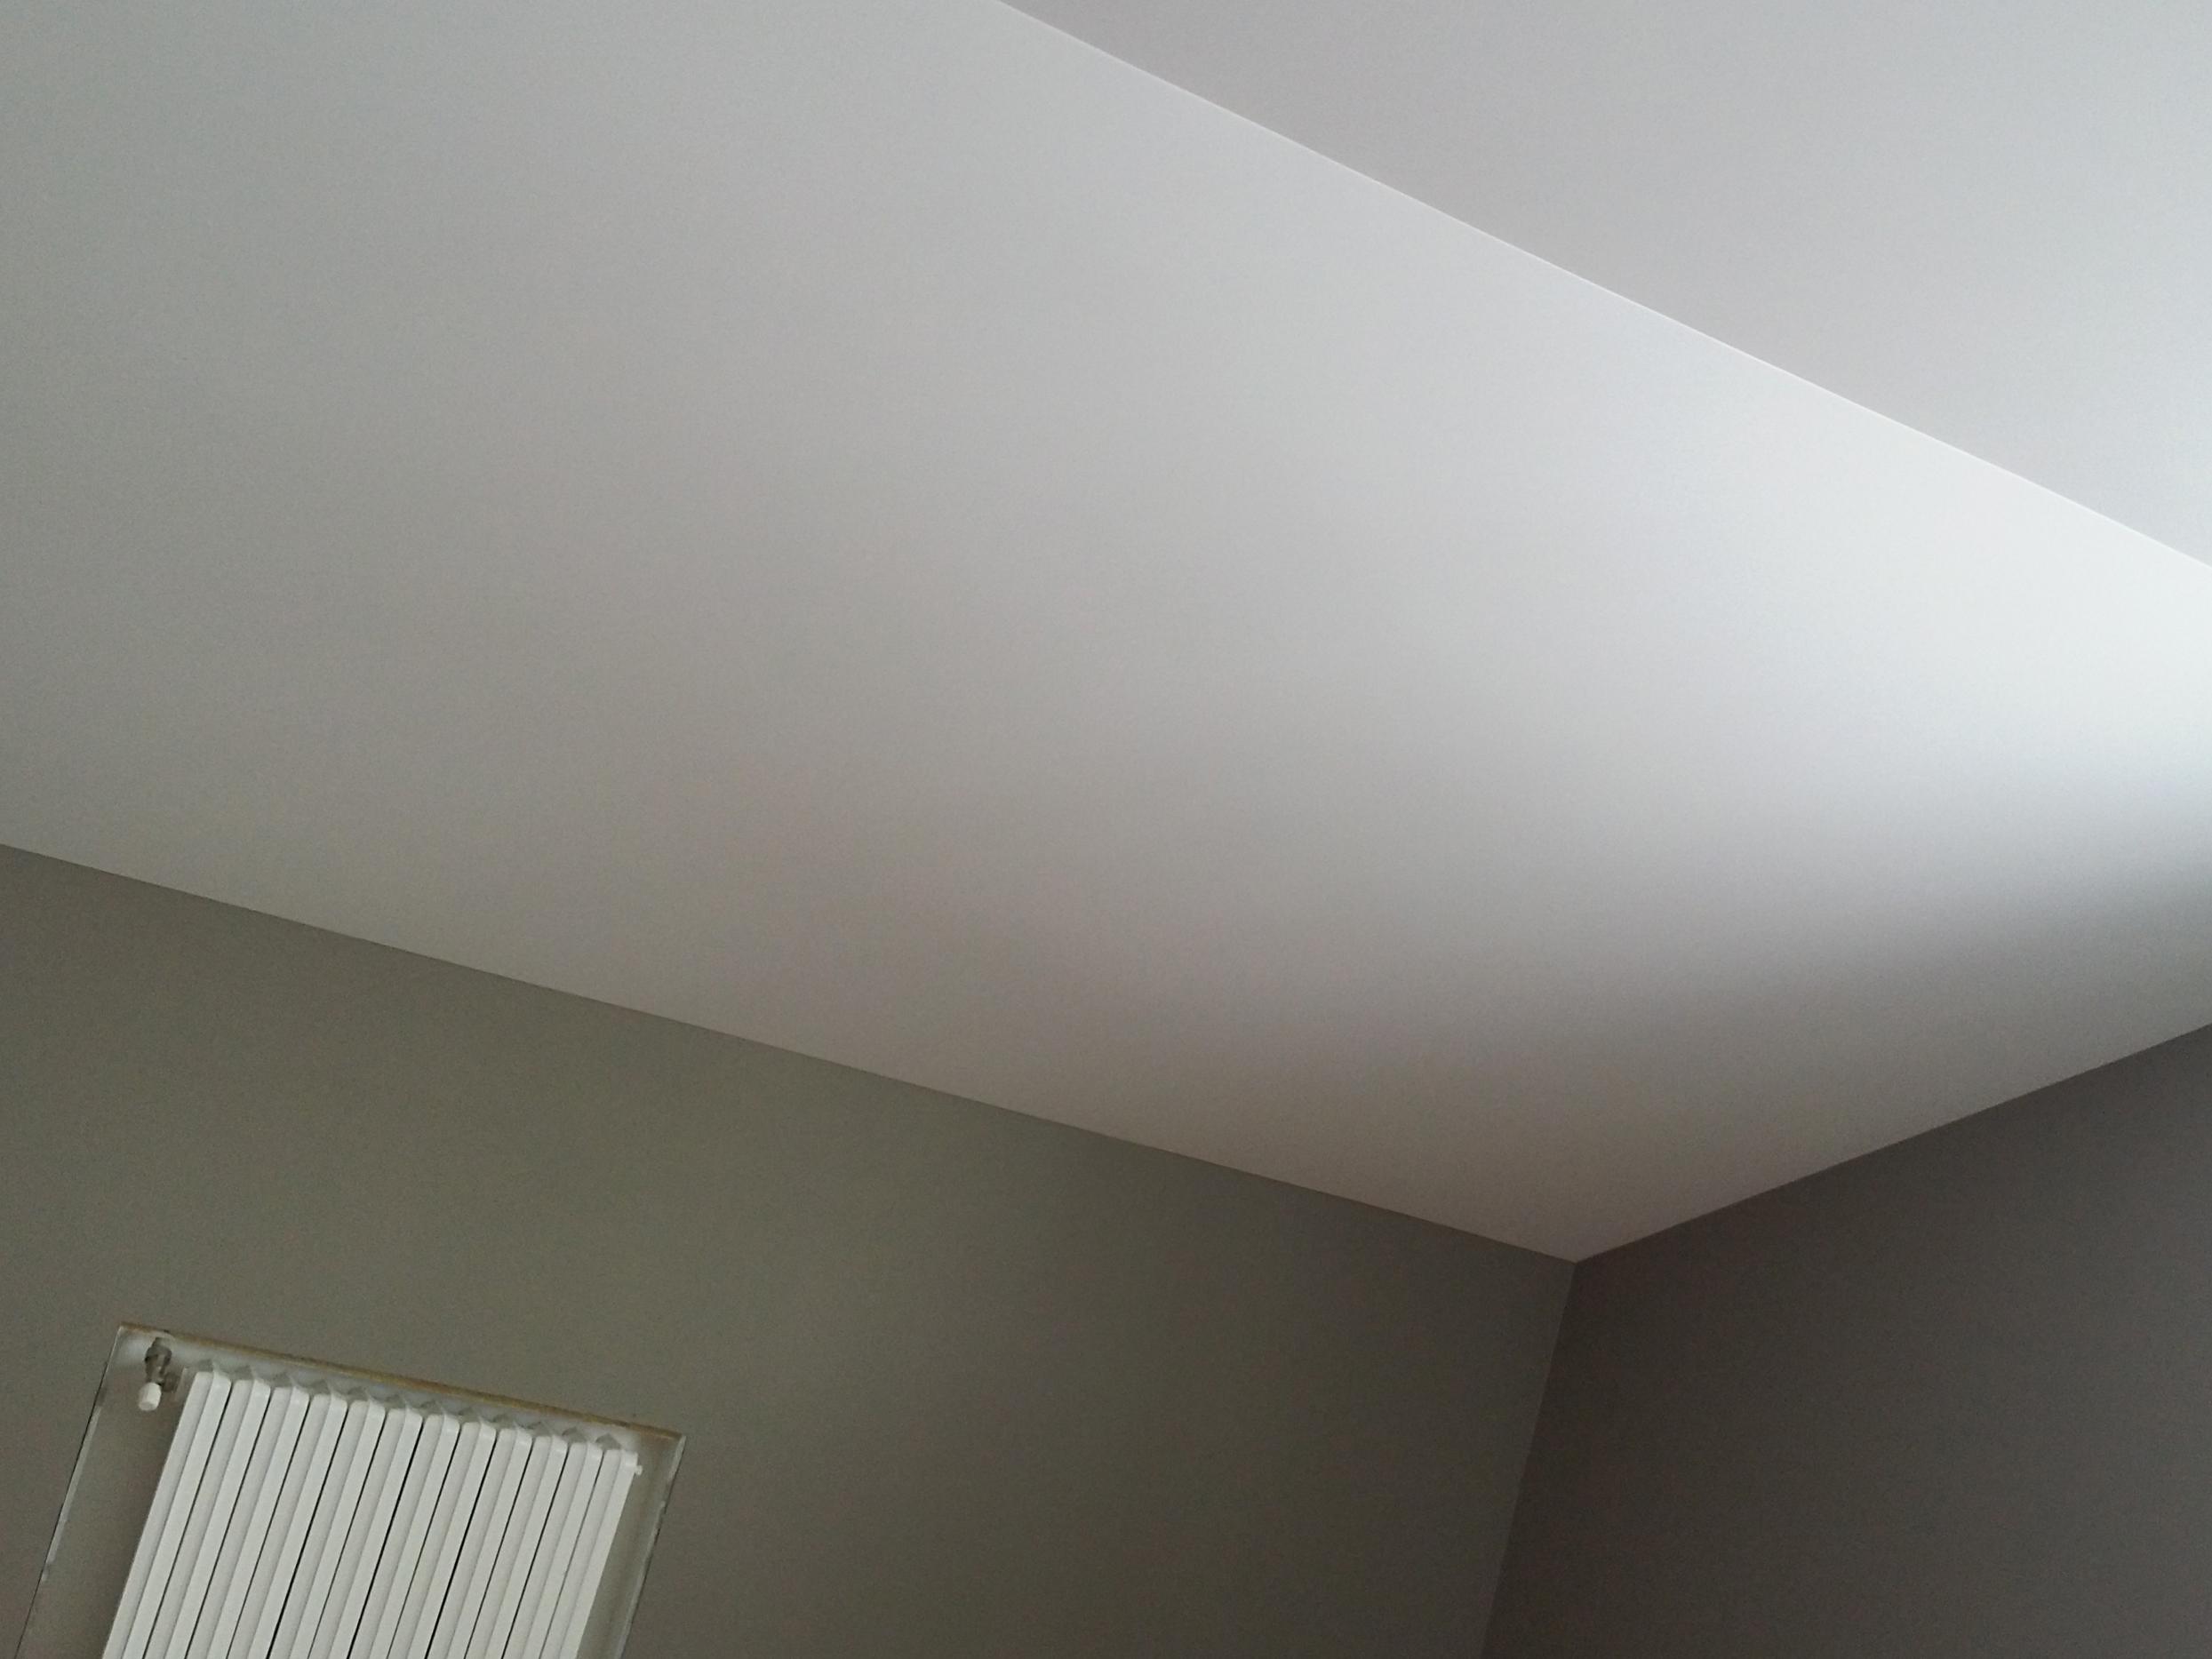 Примыкание натяжного потолка к стенеПримыкание натяжного потолка к стене